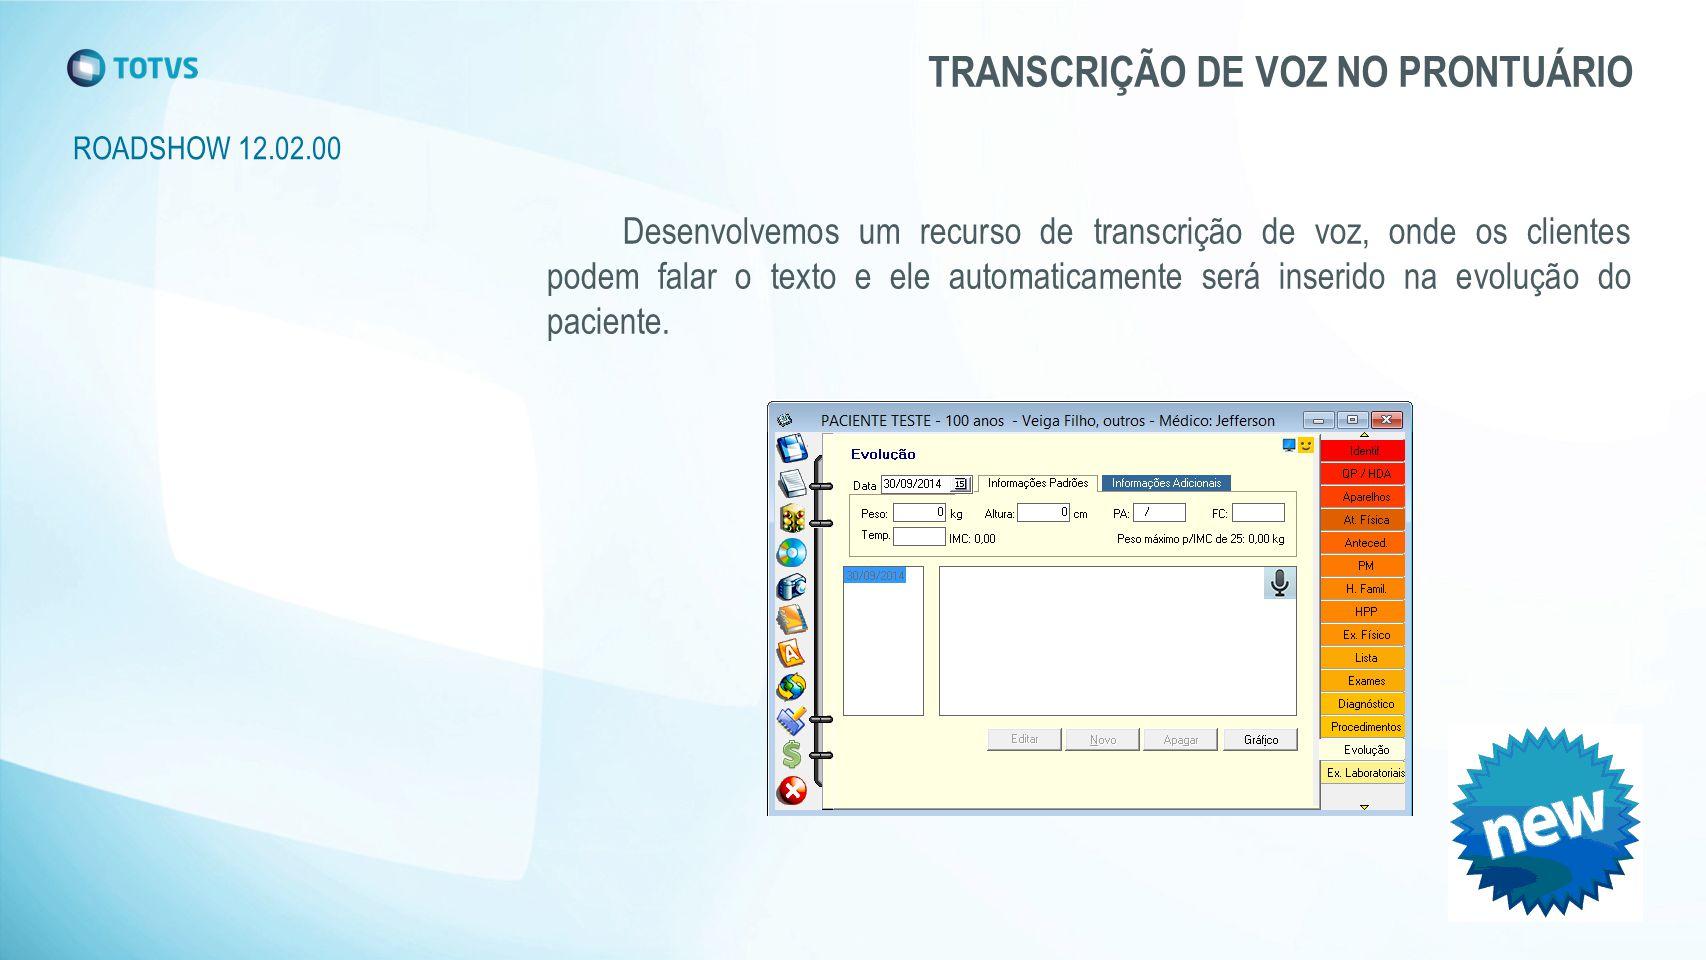 ROADSHOW 12.02.00 TRANSCRIÇÃO DE VOZ NO PRONTUÁRIO Desenvolvemos um recurso de transcrição de voz, onde os clientes podem falar o texto e ele automaticamente será inserido na evolução do paciente.